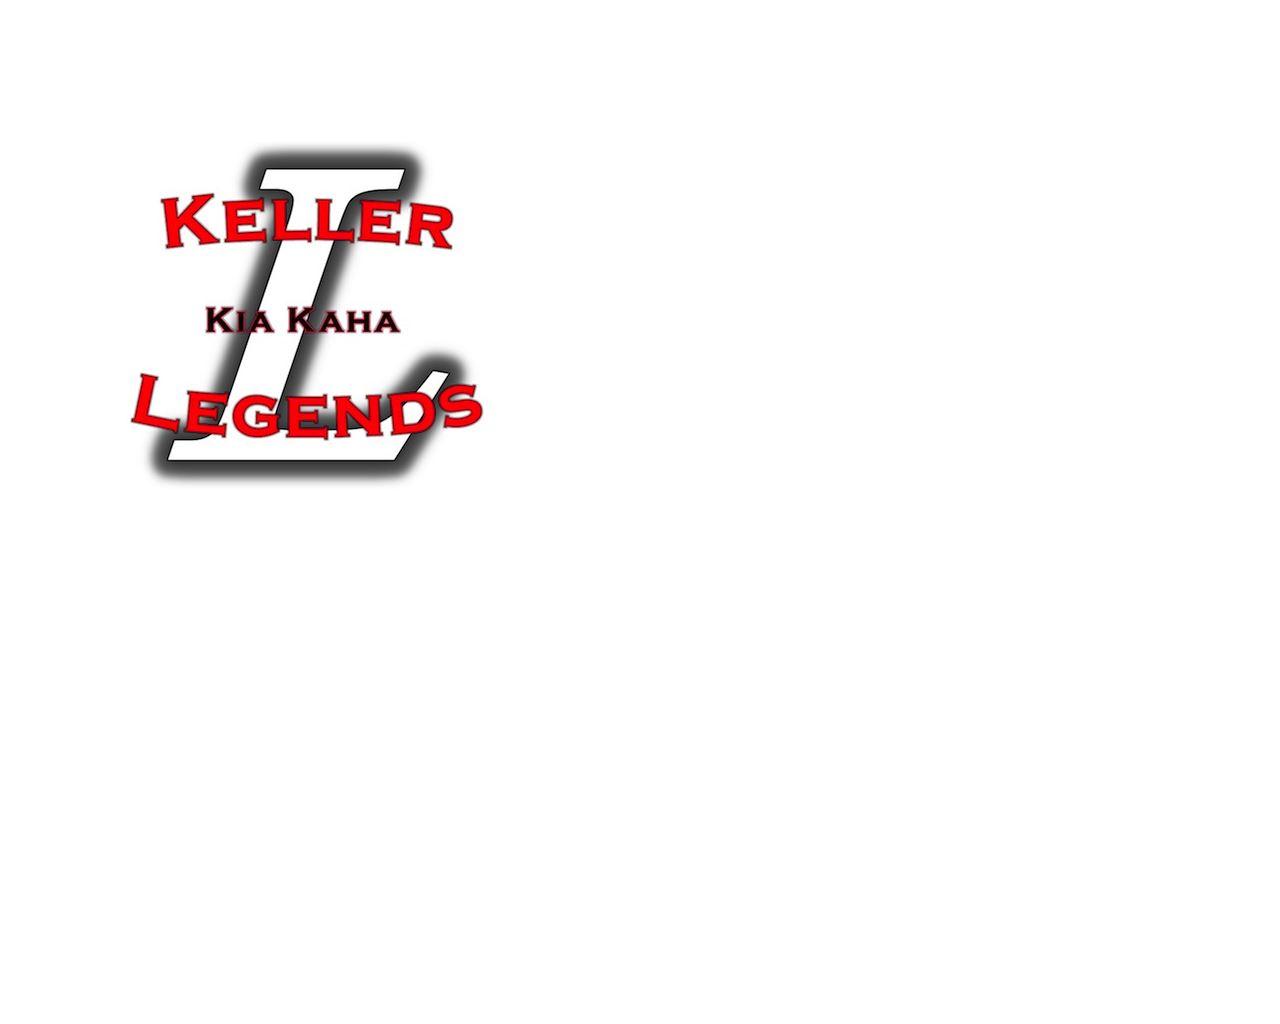 Keller Legends - LEGENDS